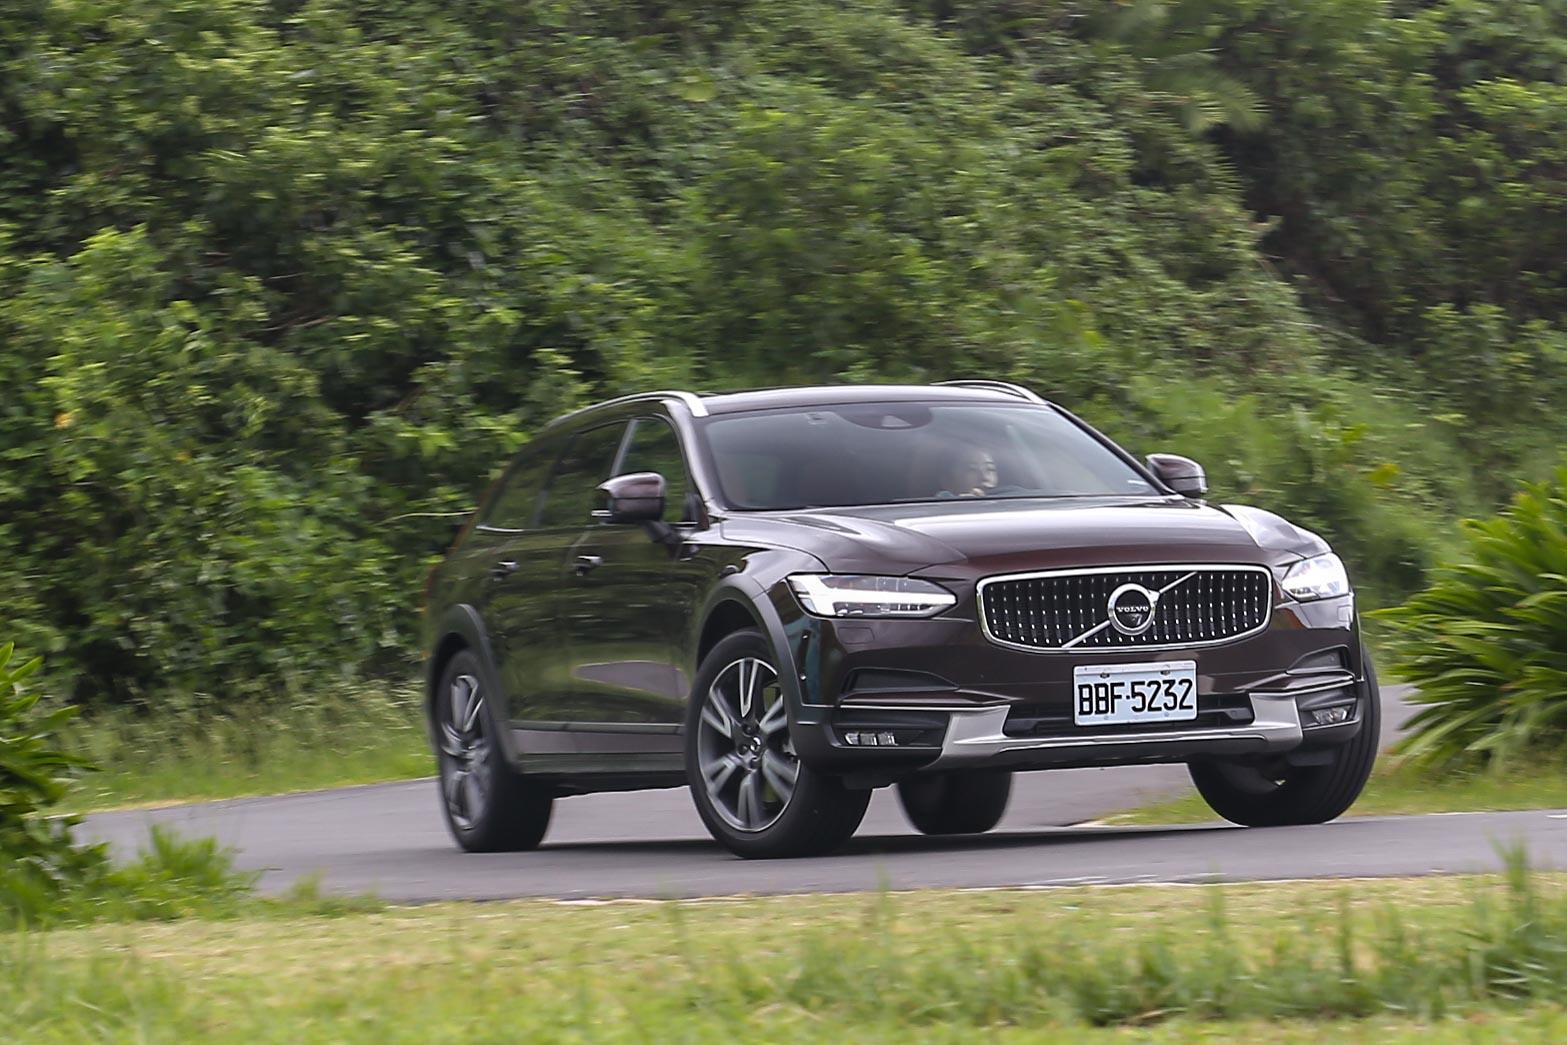 立基於 SPA 底盤基礎, V90 Cross Country T6 有著較過去 Volvo 大型房車/旅行車更為輕盈且俐落的動態表現。